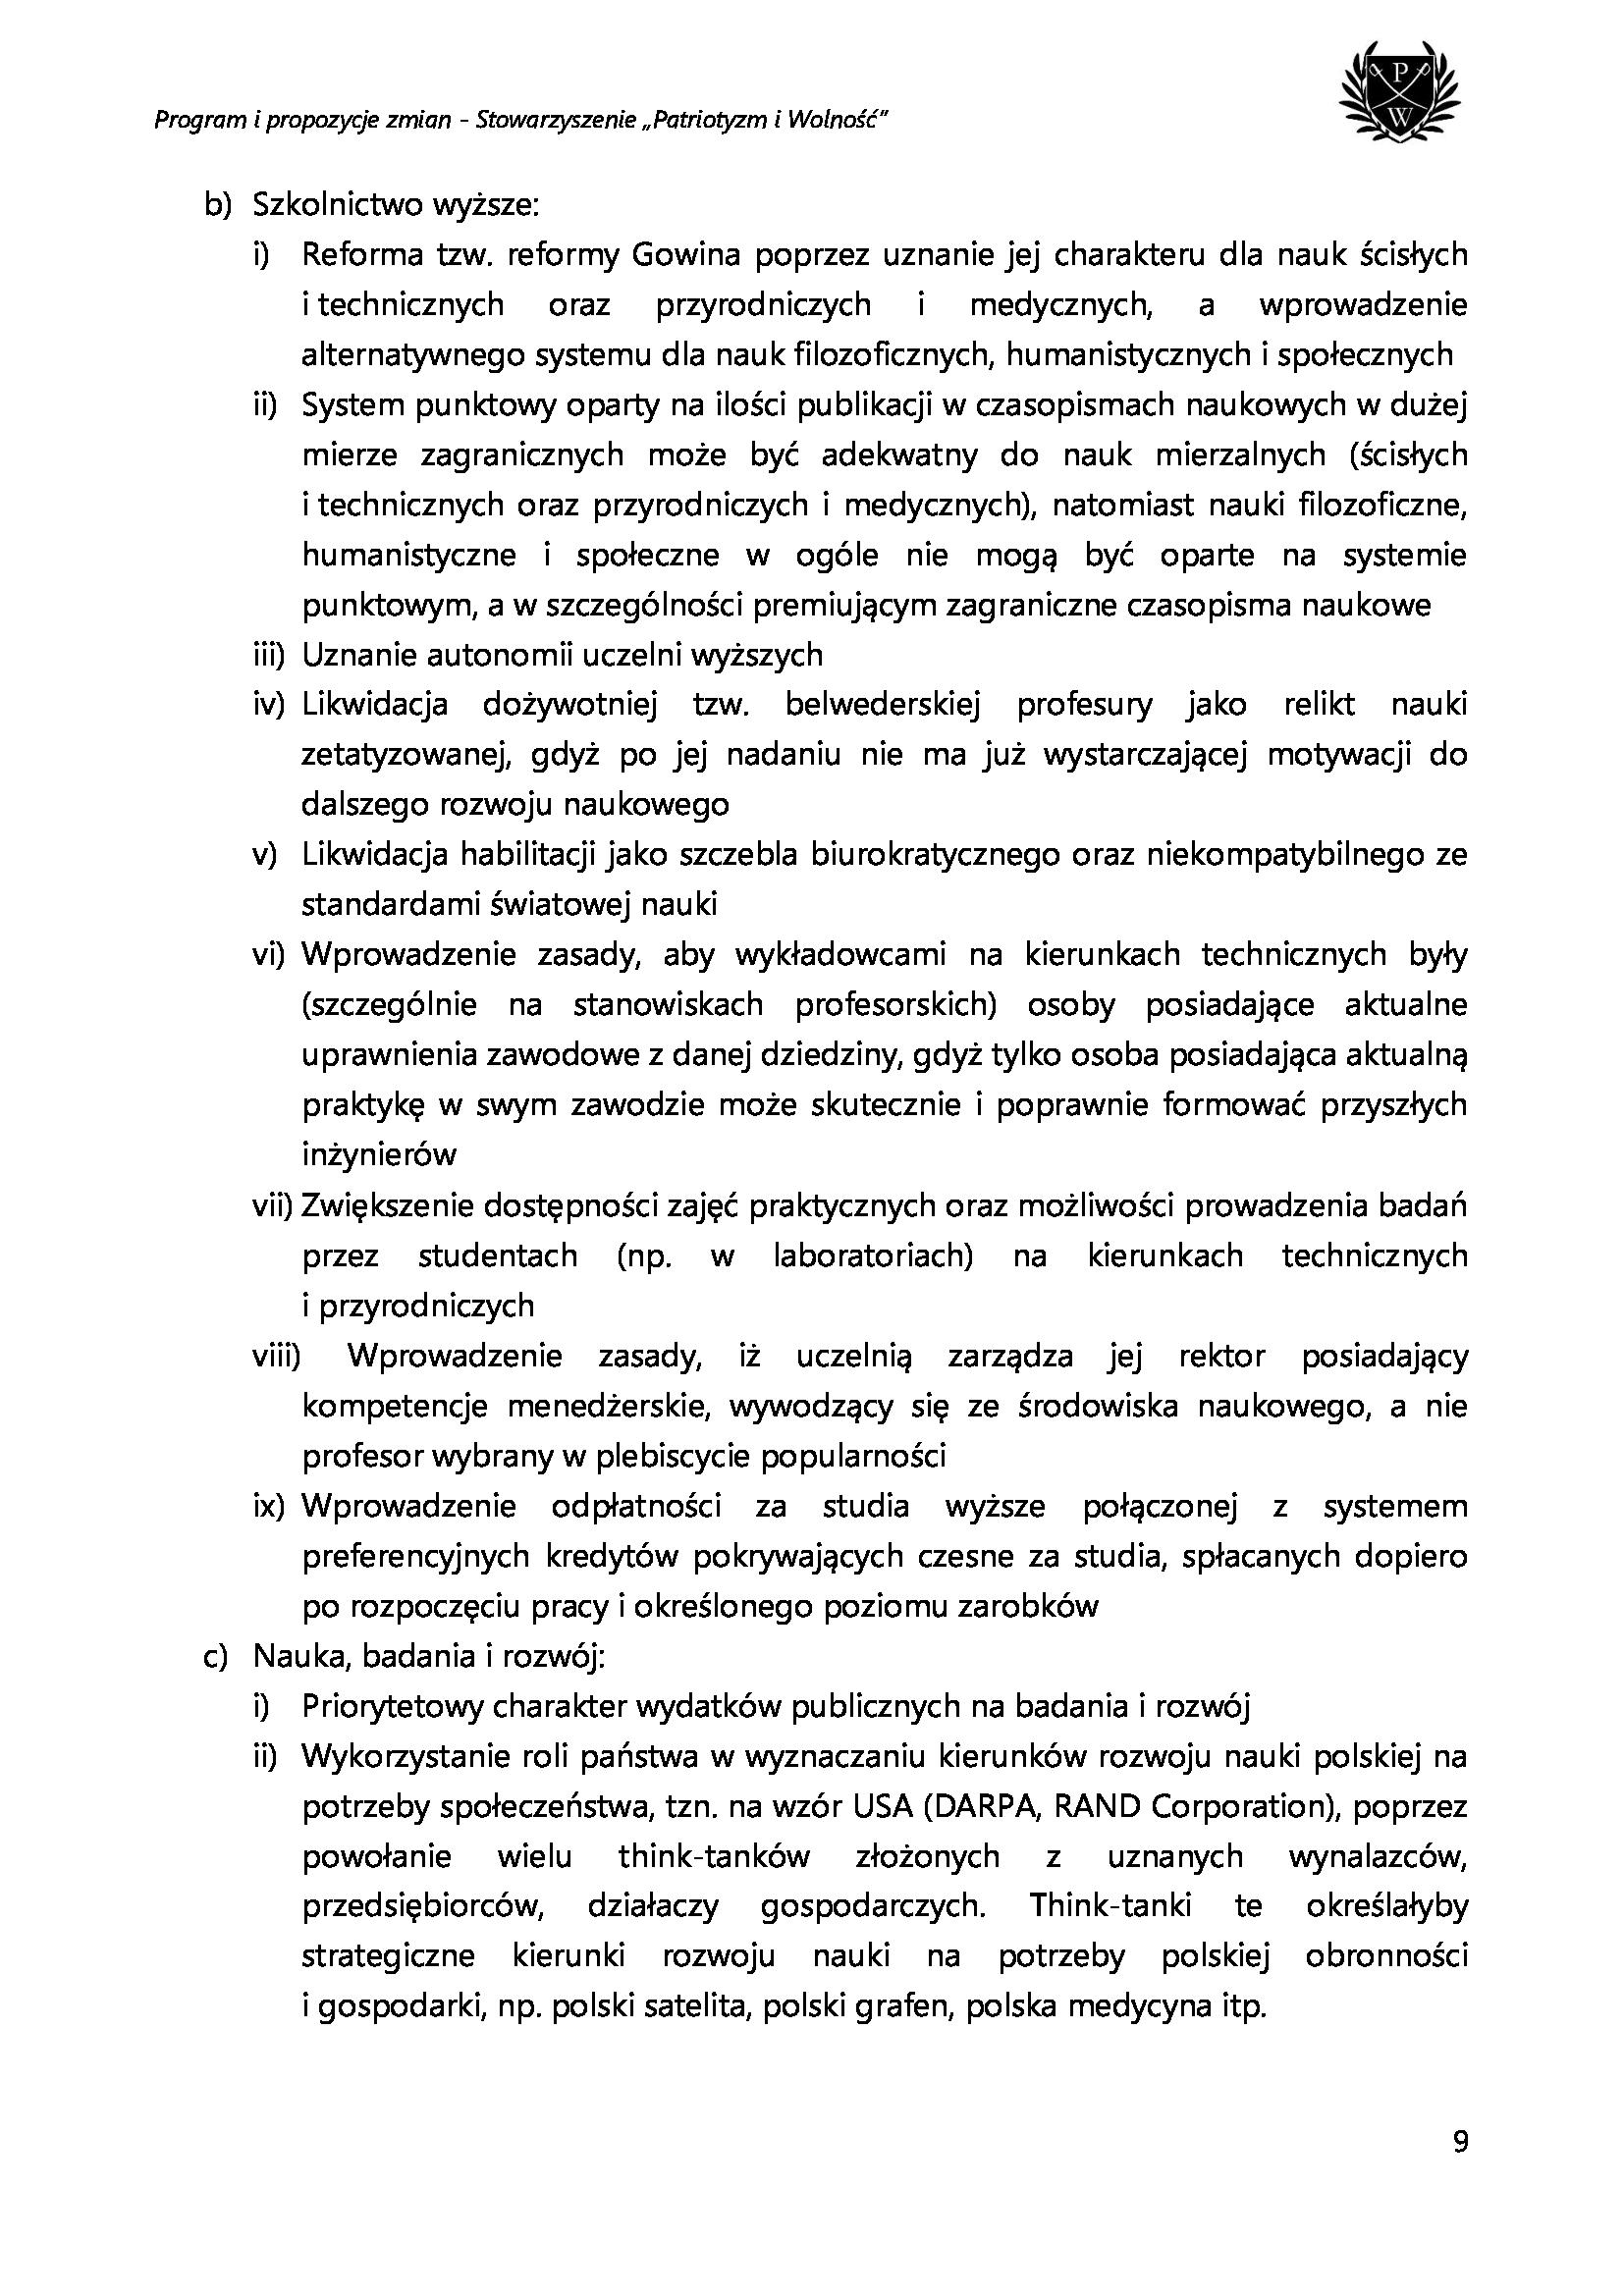 db9e272ef5a9a2e66d26f1905be6c507-9